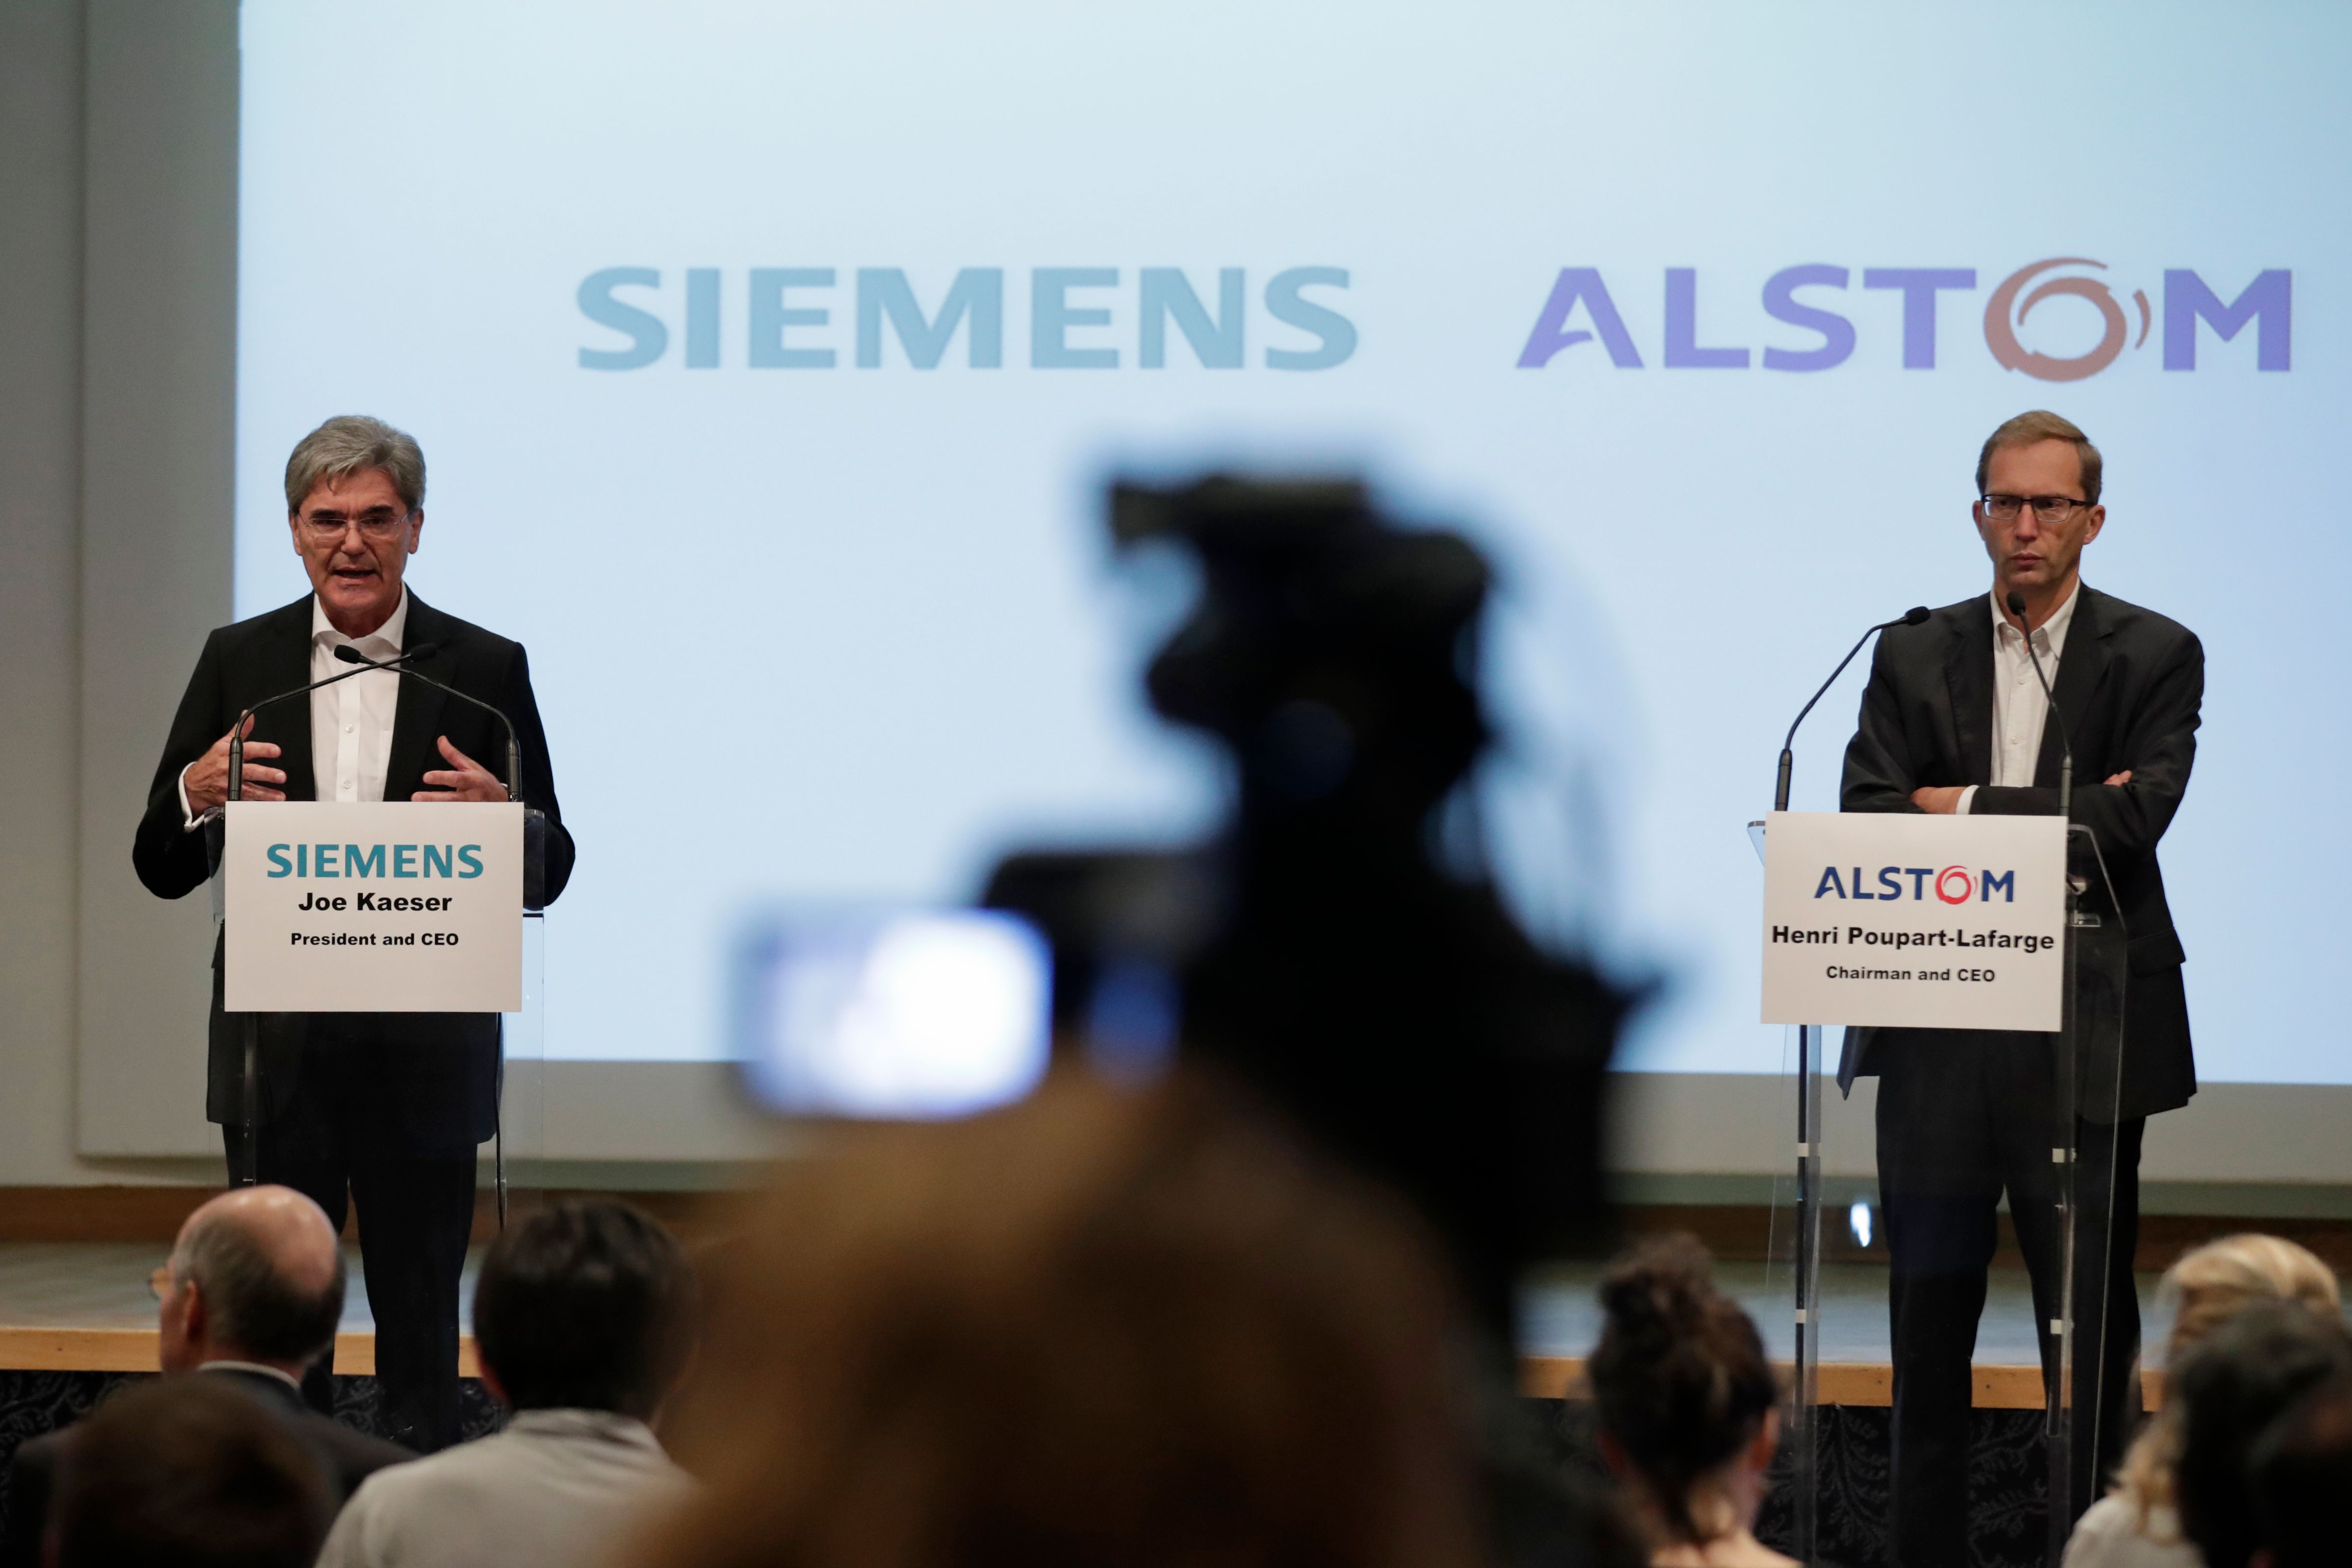 La Comisión Europea rechazó la fusión de la empresa ferroviaria alemana Siemens y de su rival francesa Alstom. (Foto Prensa Libre: AFP)